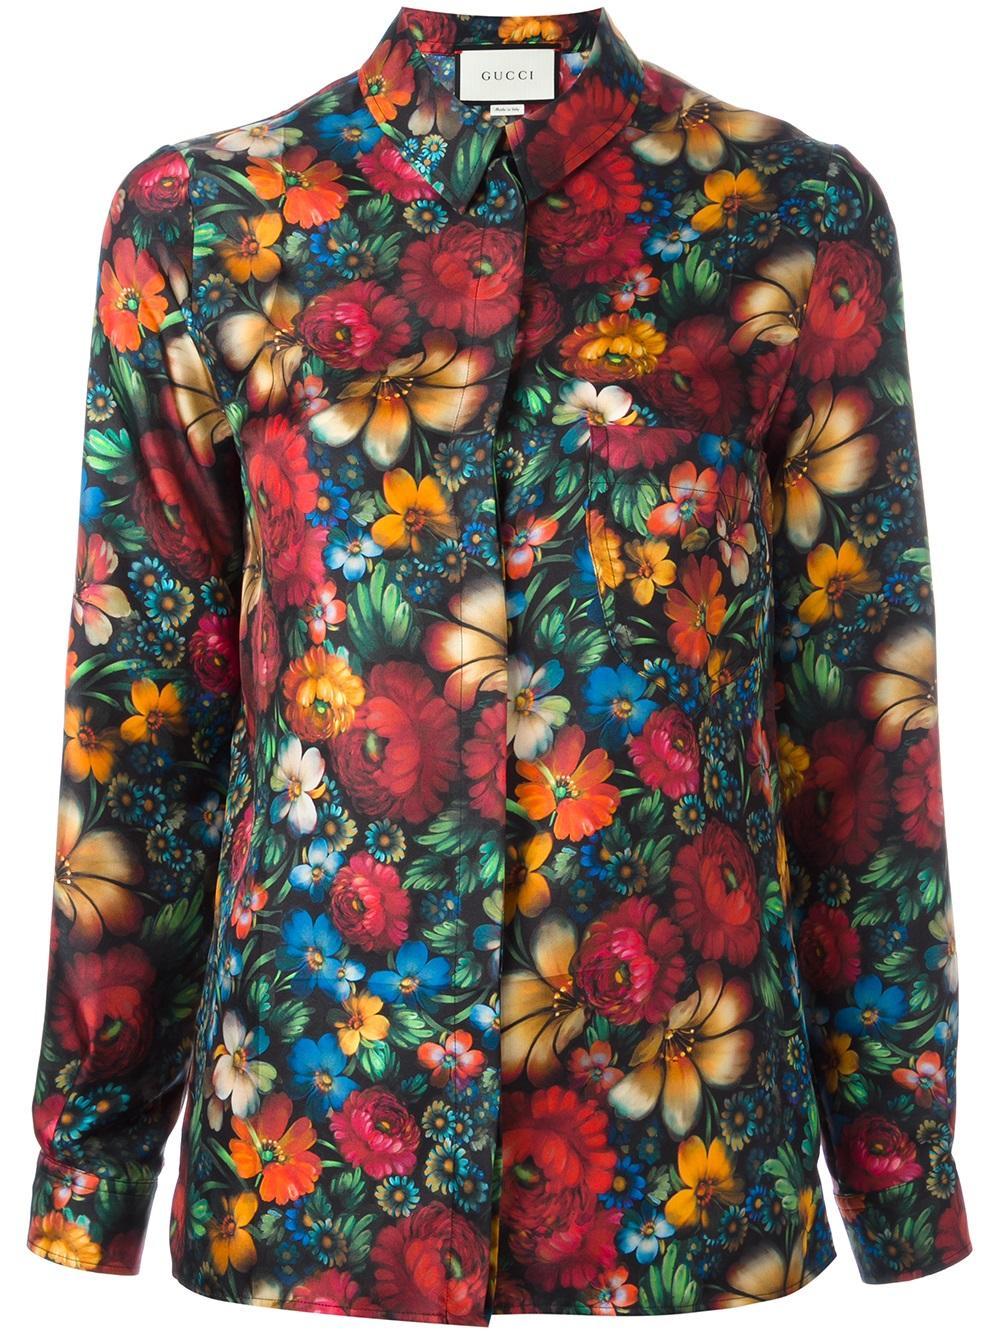 Acheter chemise gucci homme pas cher original pas cher ici en ligne avec le  prix le plus bas possible. Remises spéciales sur les nouvelles offres 2018. aa3d8e1b0d1